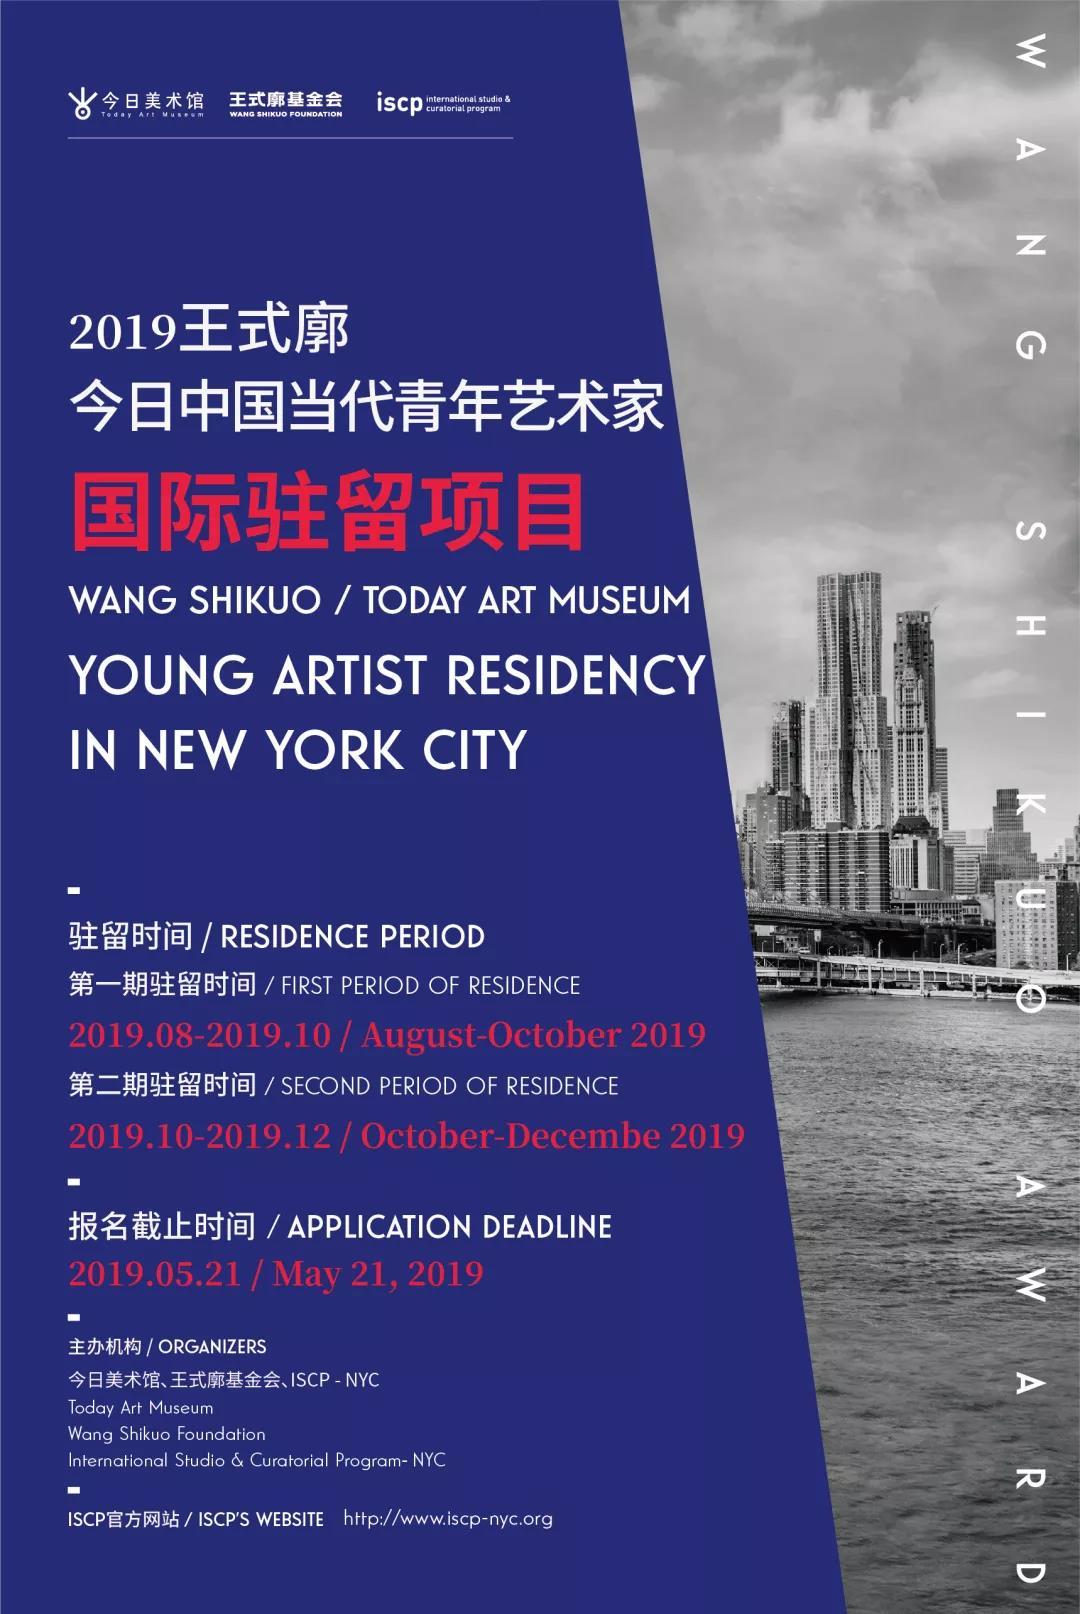 """今日美术馆X王式廓基金会""""今日中国当代青年艺术家国际驻留""""项目正式启动"""